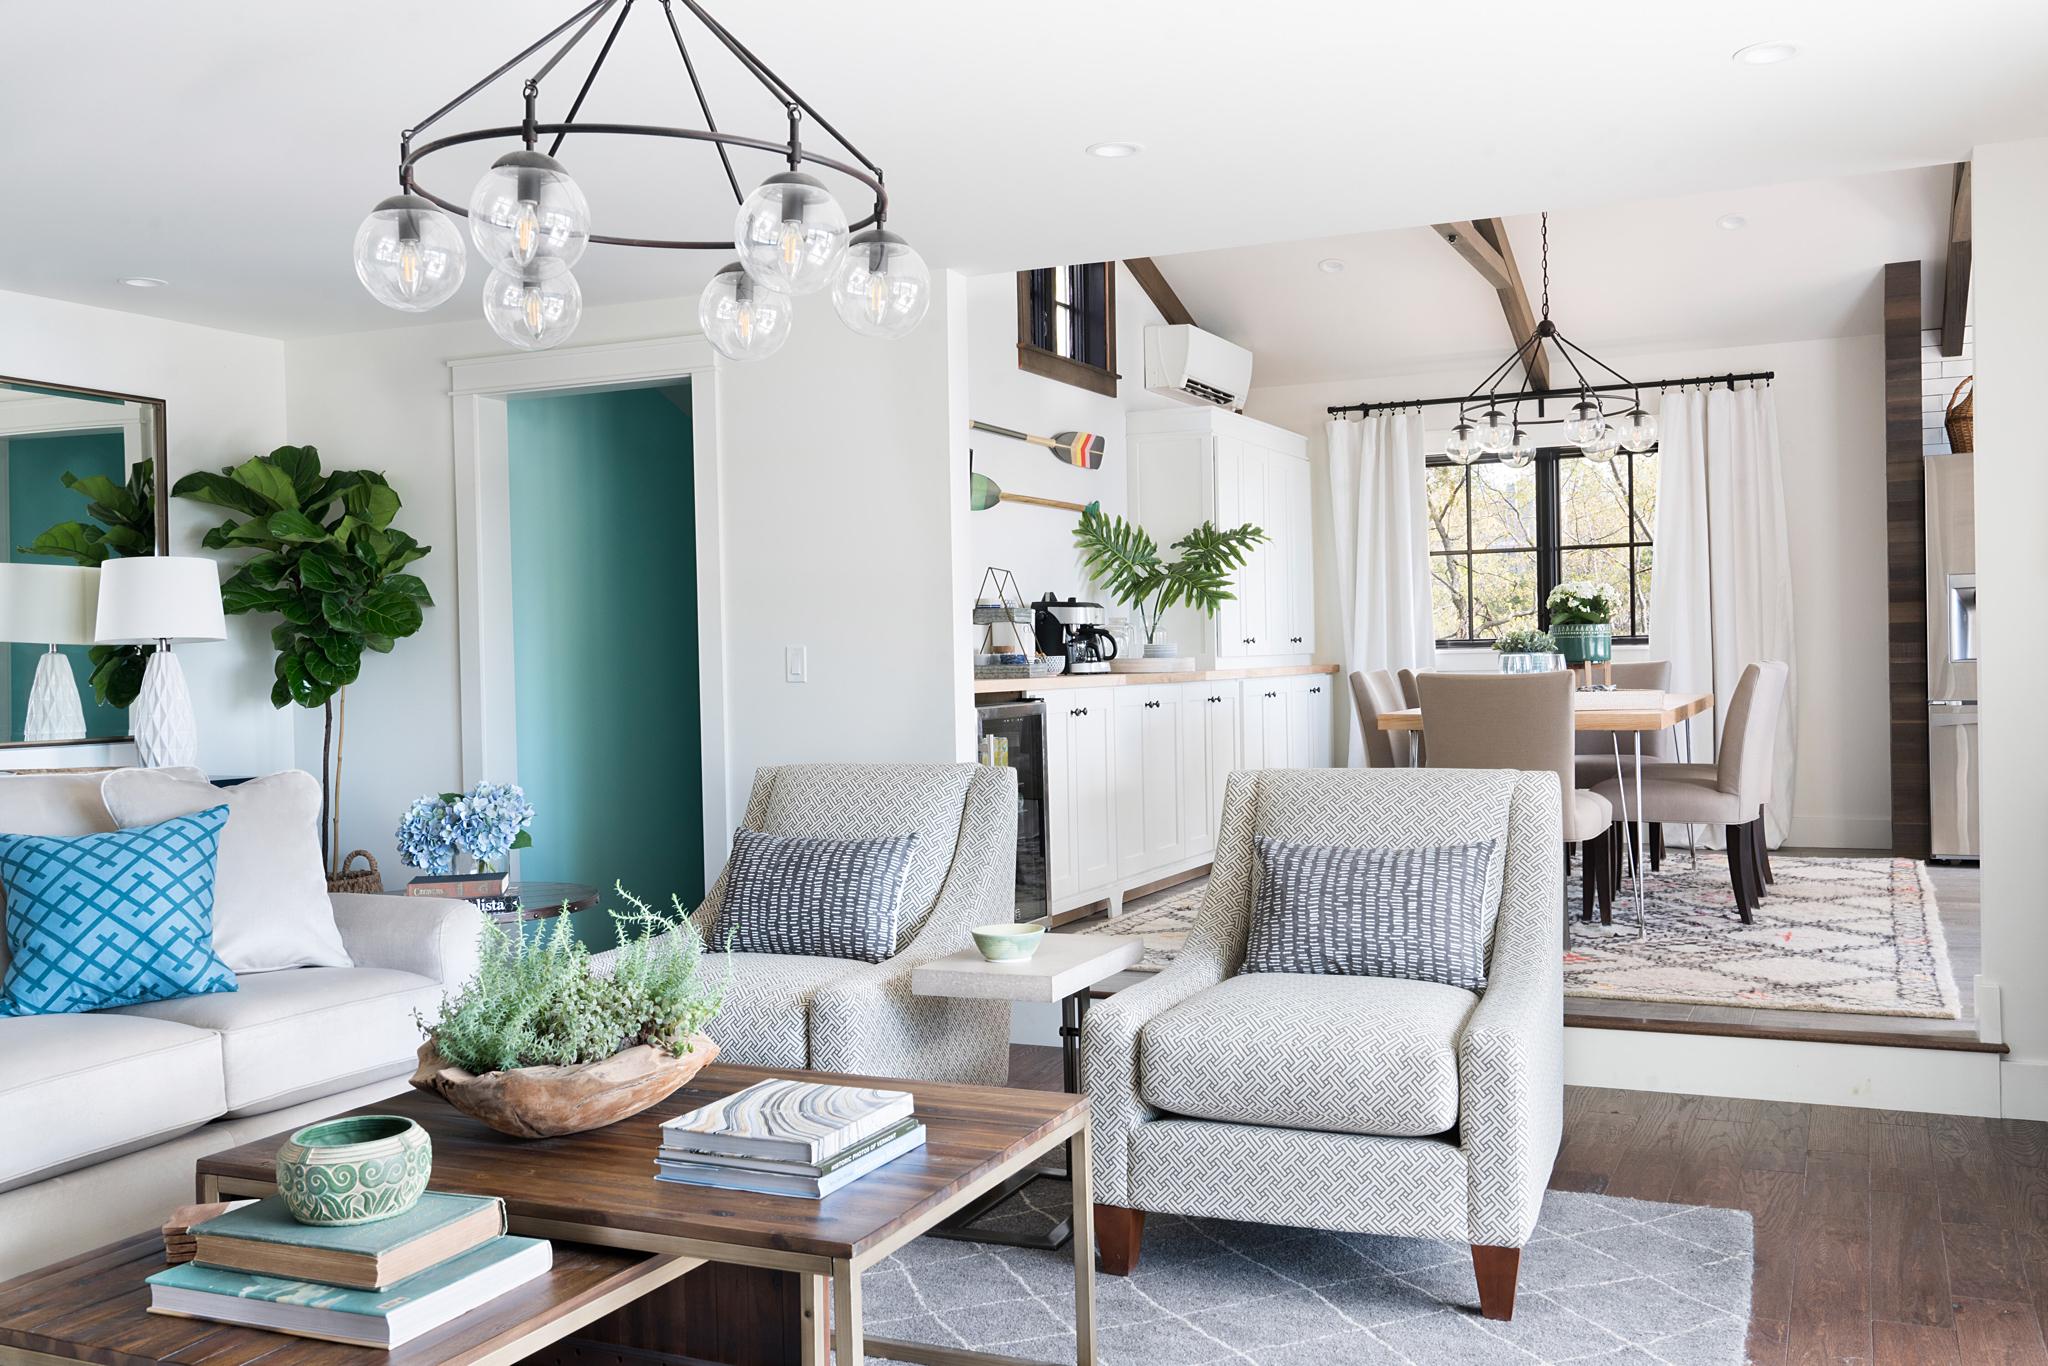 гостиная столовая мягкая мебель кресла журнальный столик